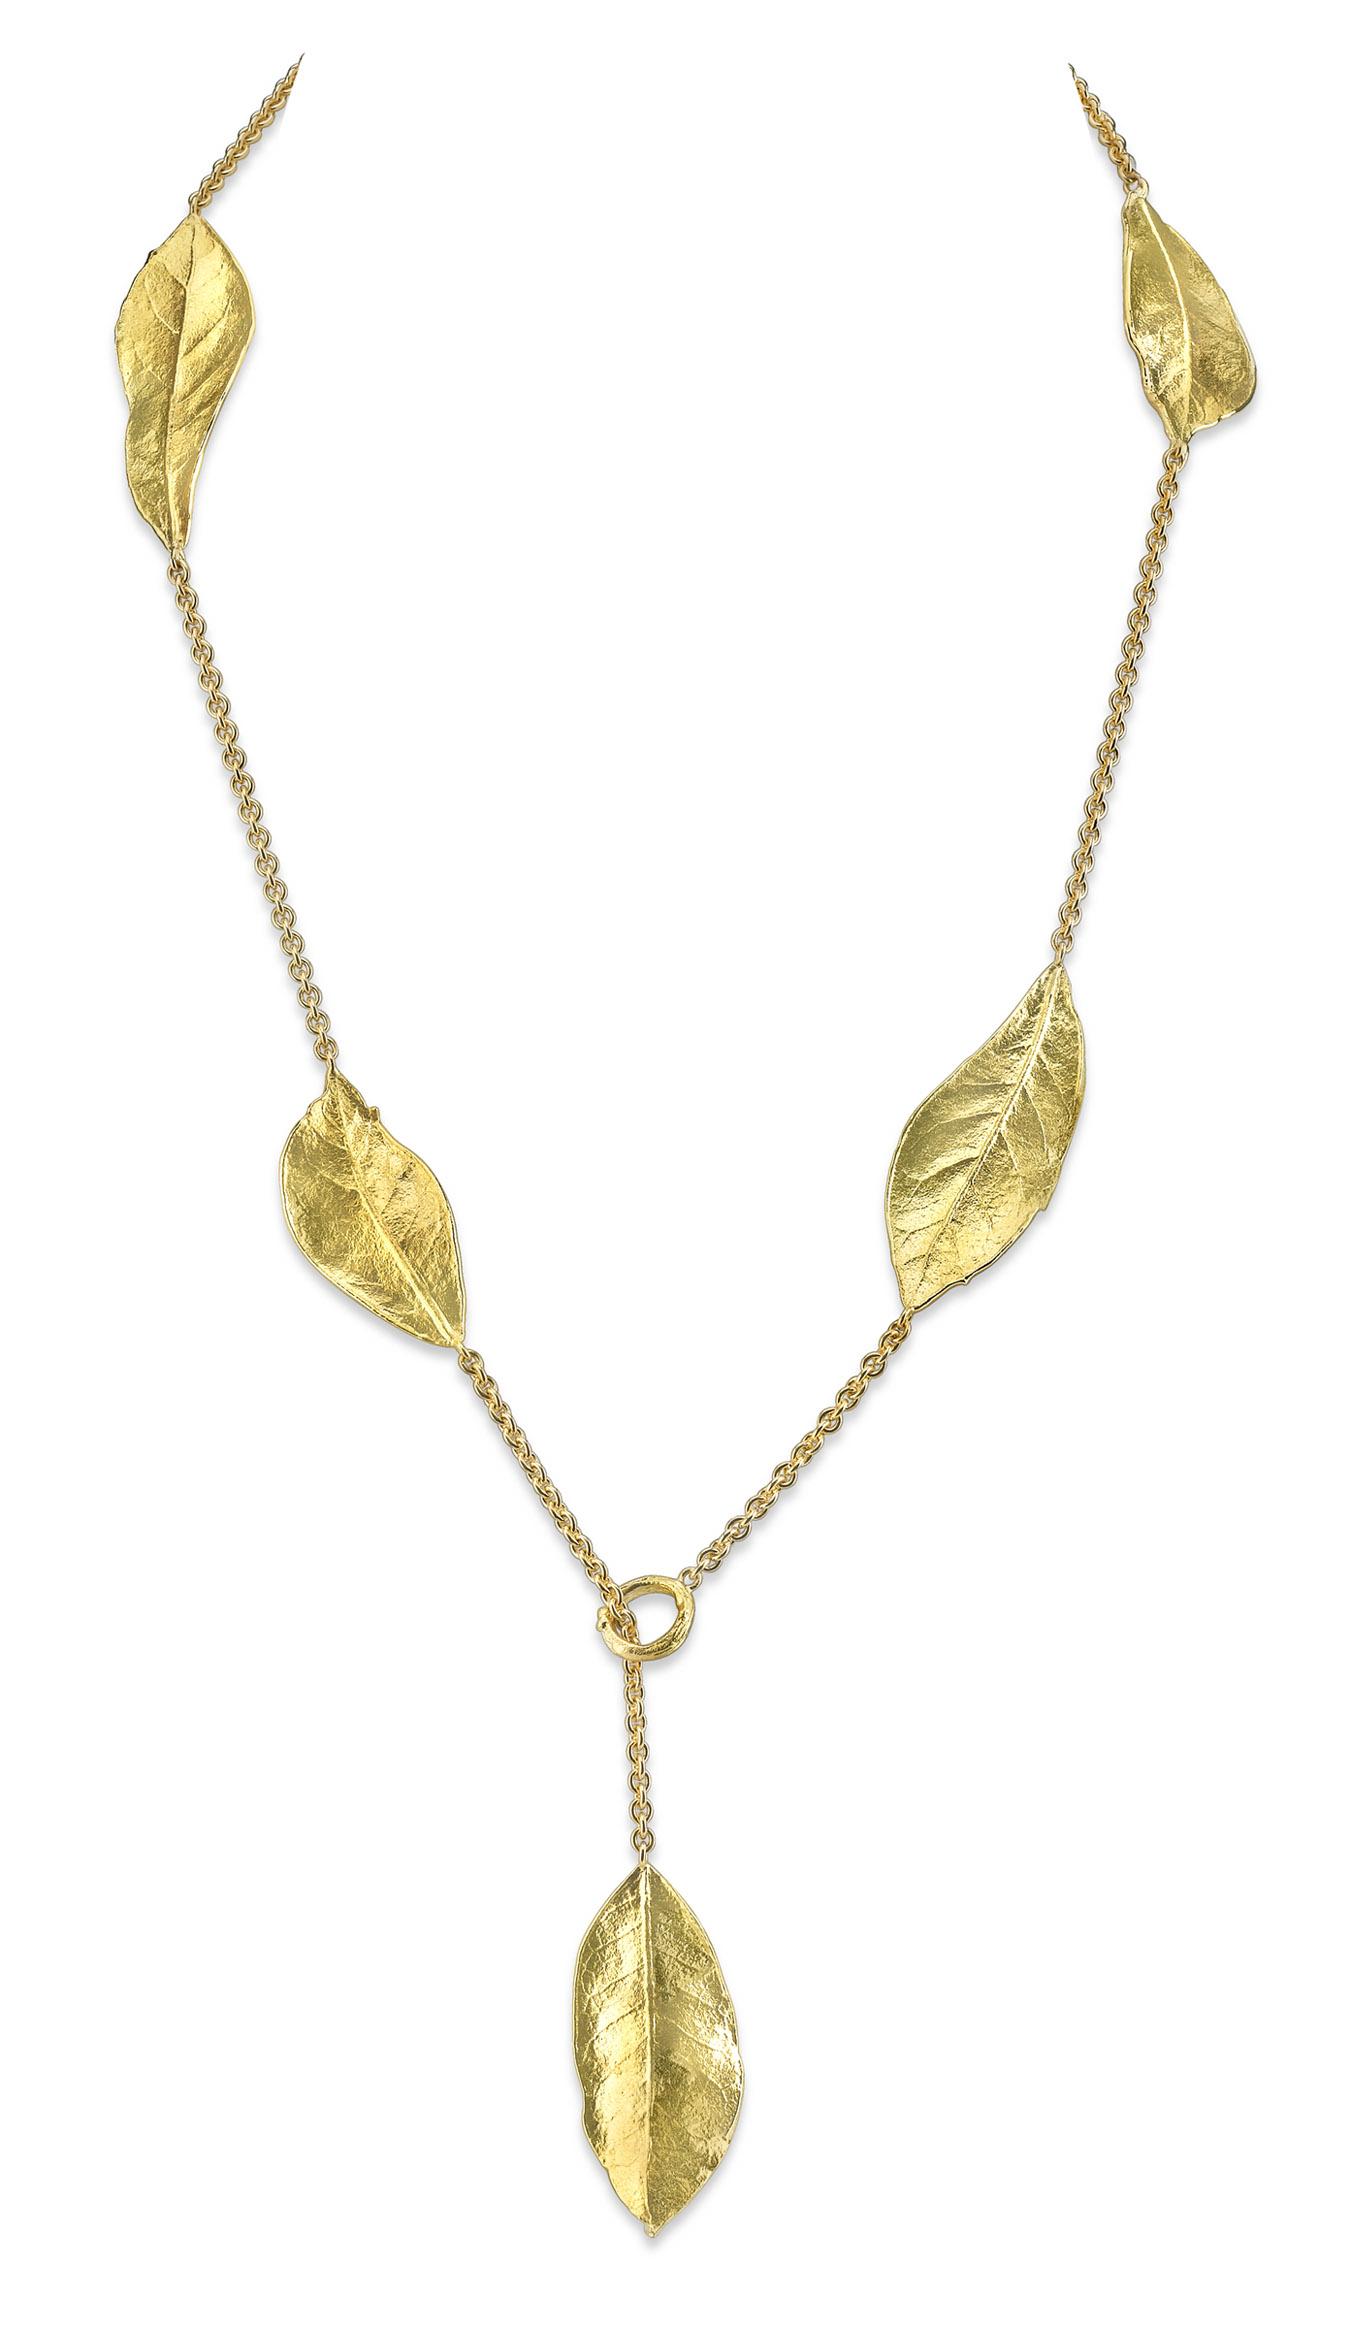 Southern Oak Leaf Lariat Necklace